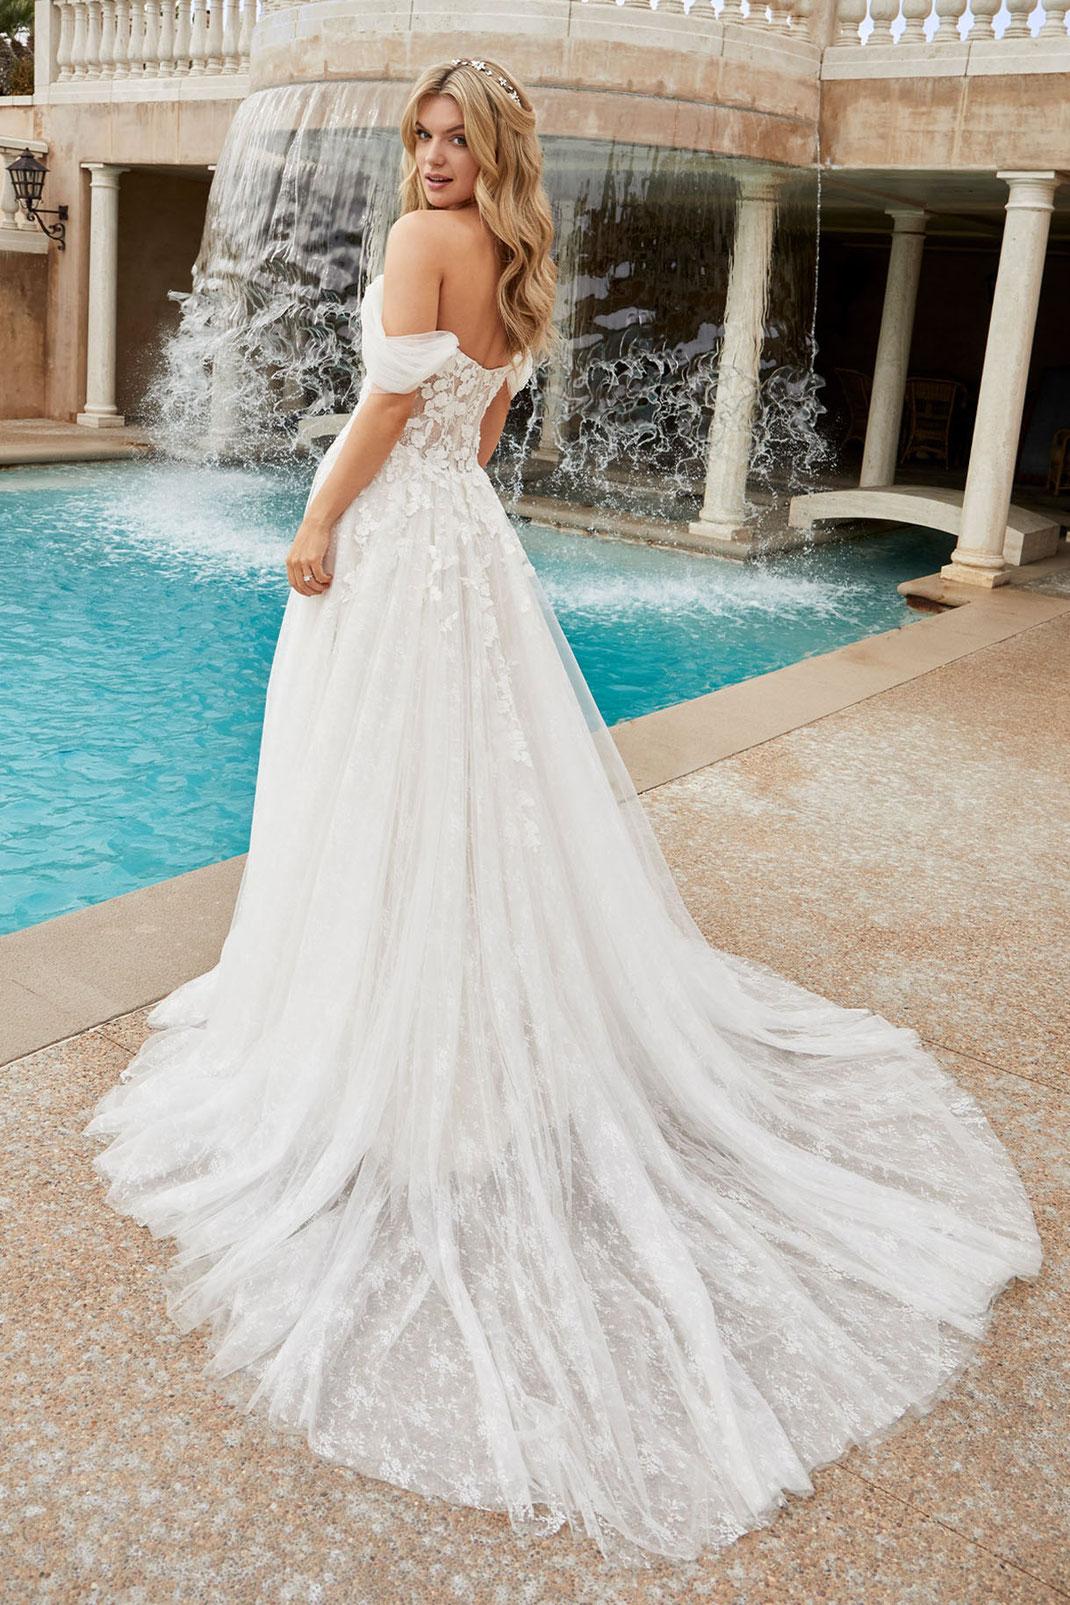 Brautkleid Style 2455 aus der Casablanca Bridal Kollektion 2022 erhältlich bei Brautmoden Tegernsee